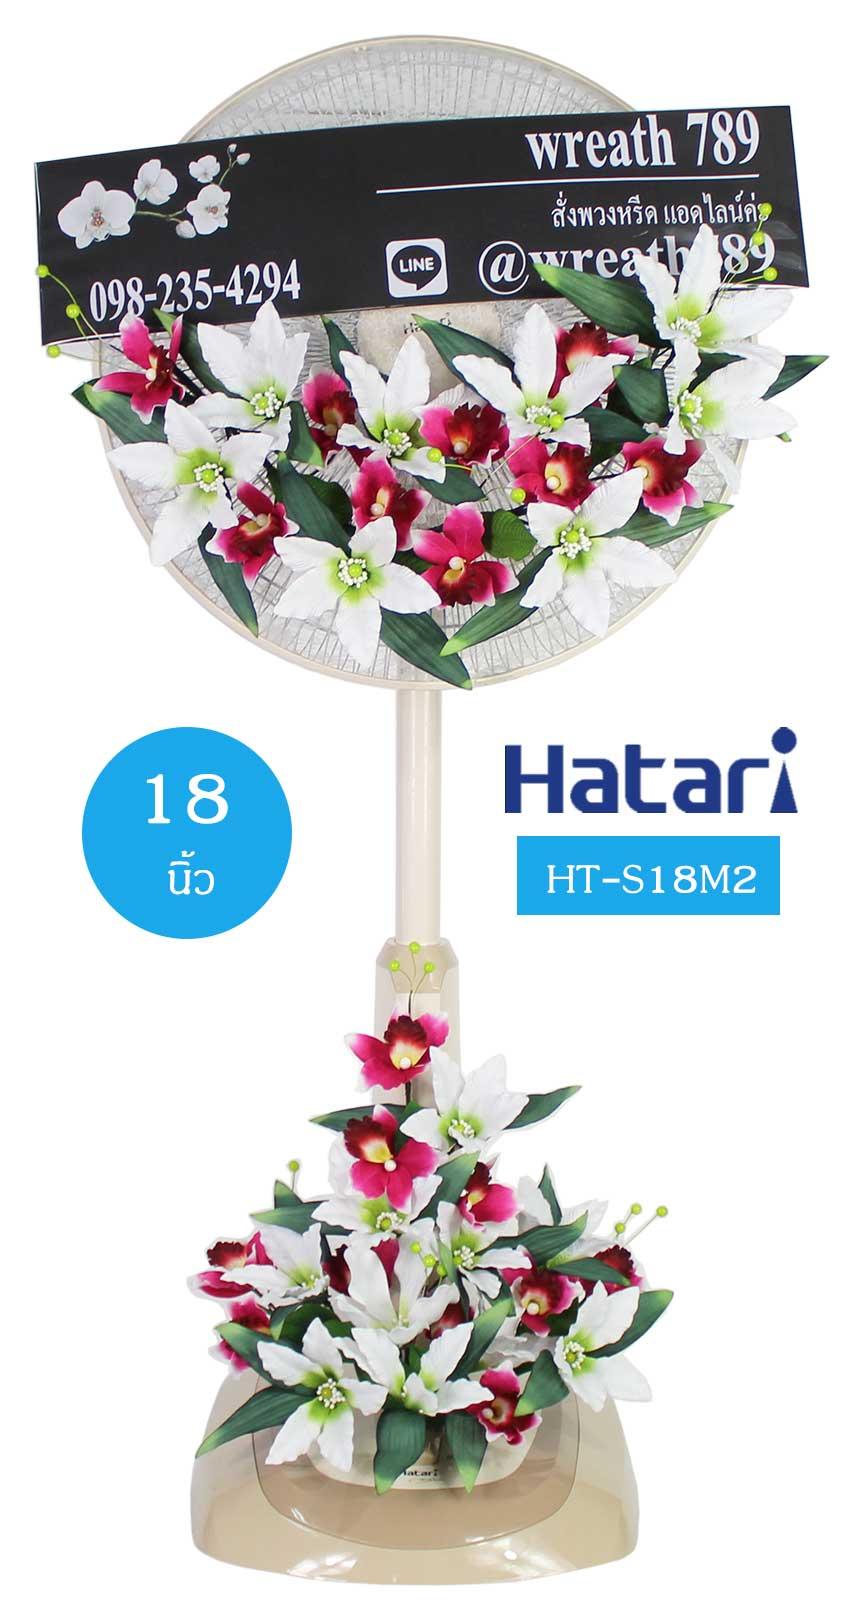 พวงหรีดพัดลม แบบที่611r ขนาด 18นิ้ว ดอกไม้โทนชมพูอมแดง